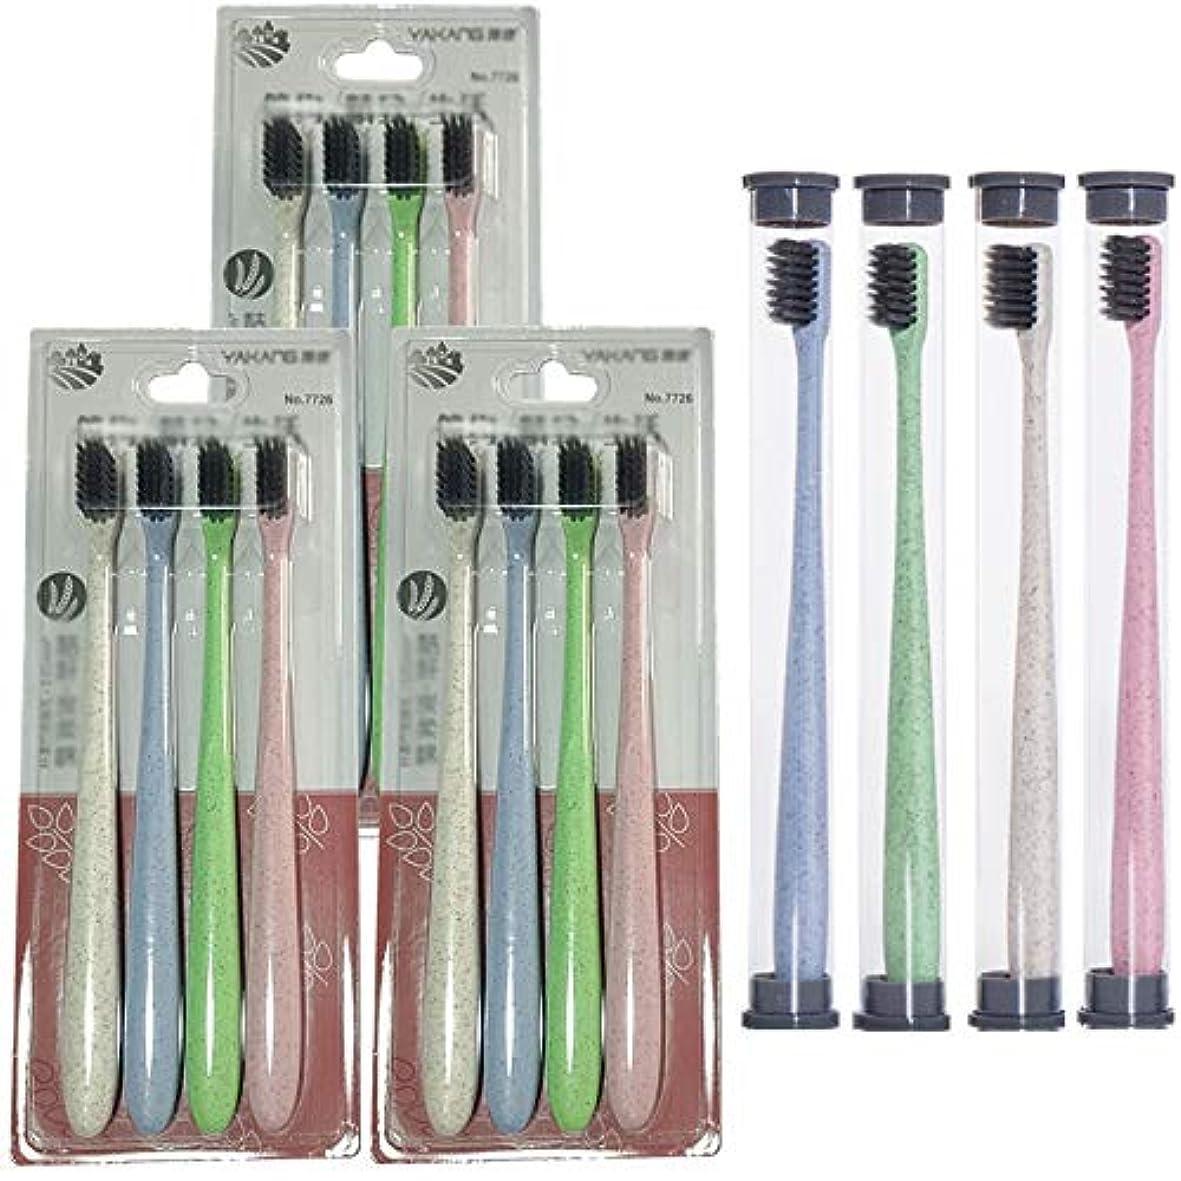 骨の折れる増幅器偶然歯ブラシ 16すべての大人のための適切なスティック歯ブラシ、歯ブラシバルク、歯ブラシソフト、携帯用歯ブラシ、 KHL (色 : 16 packs)